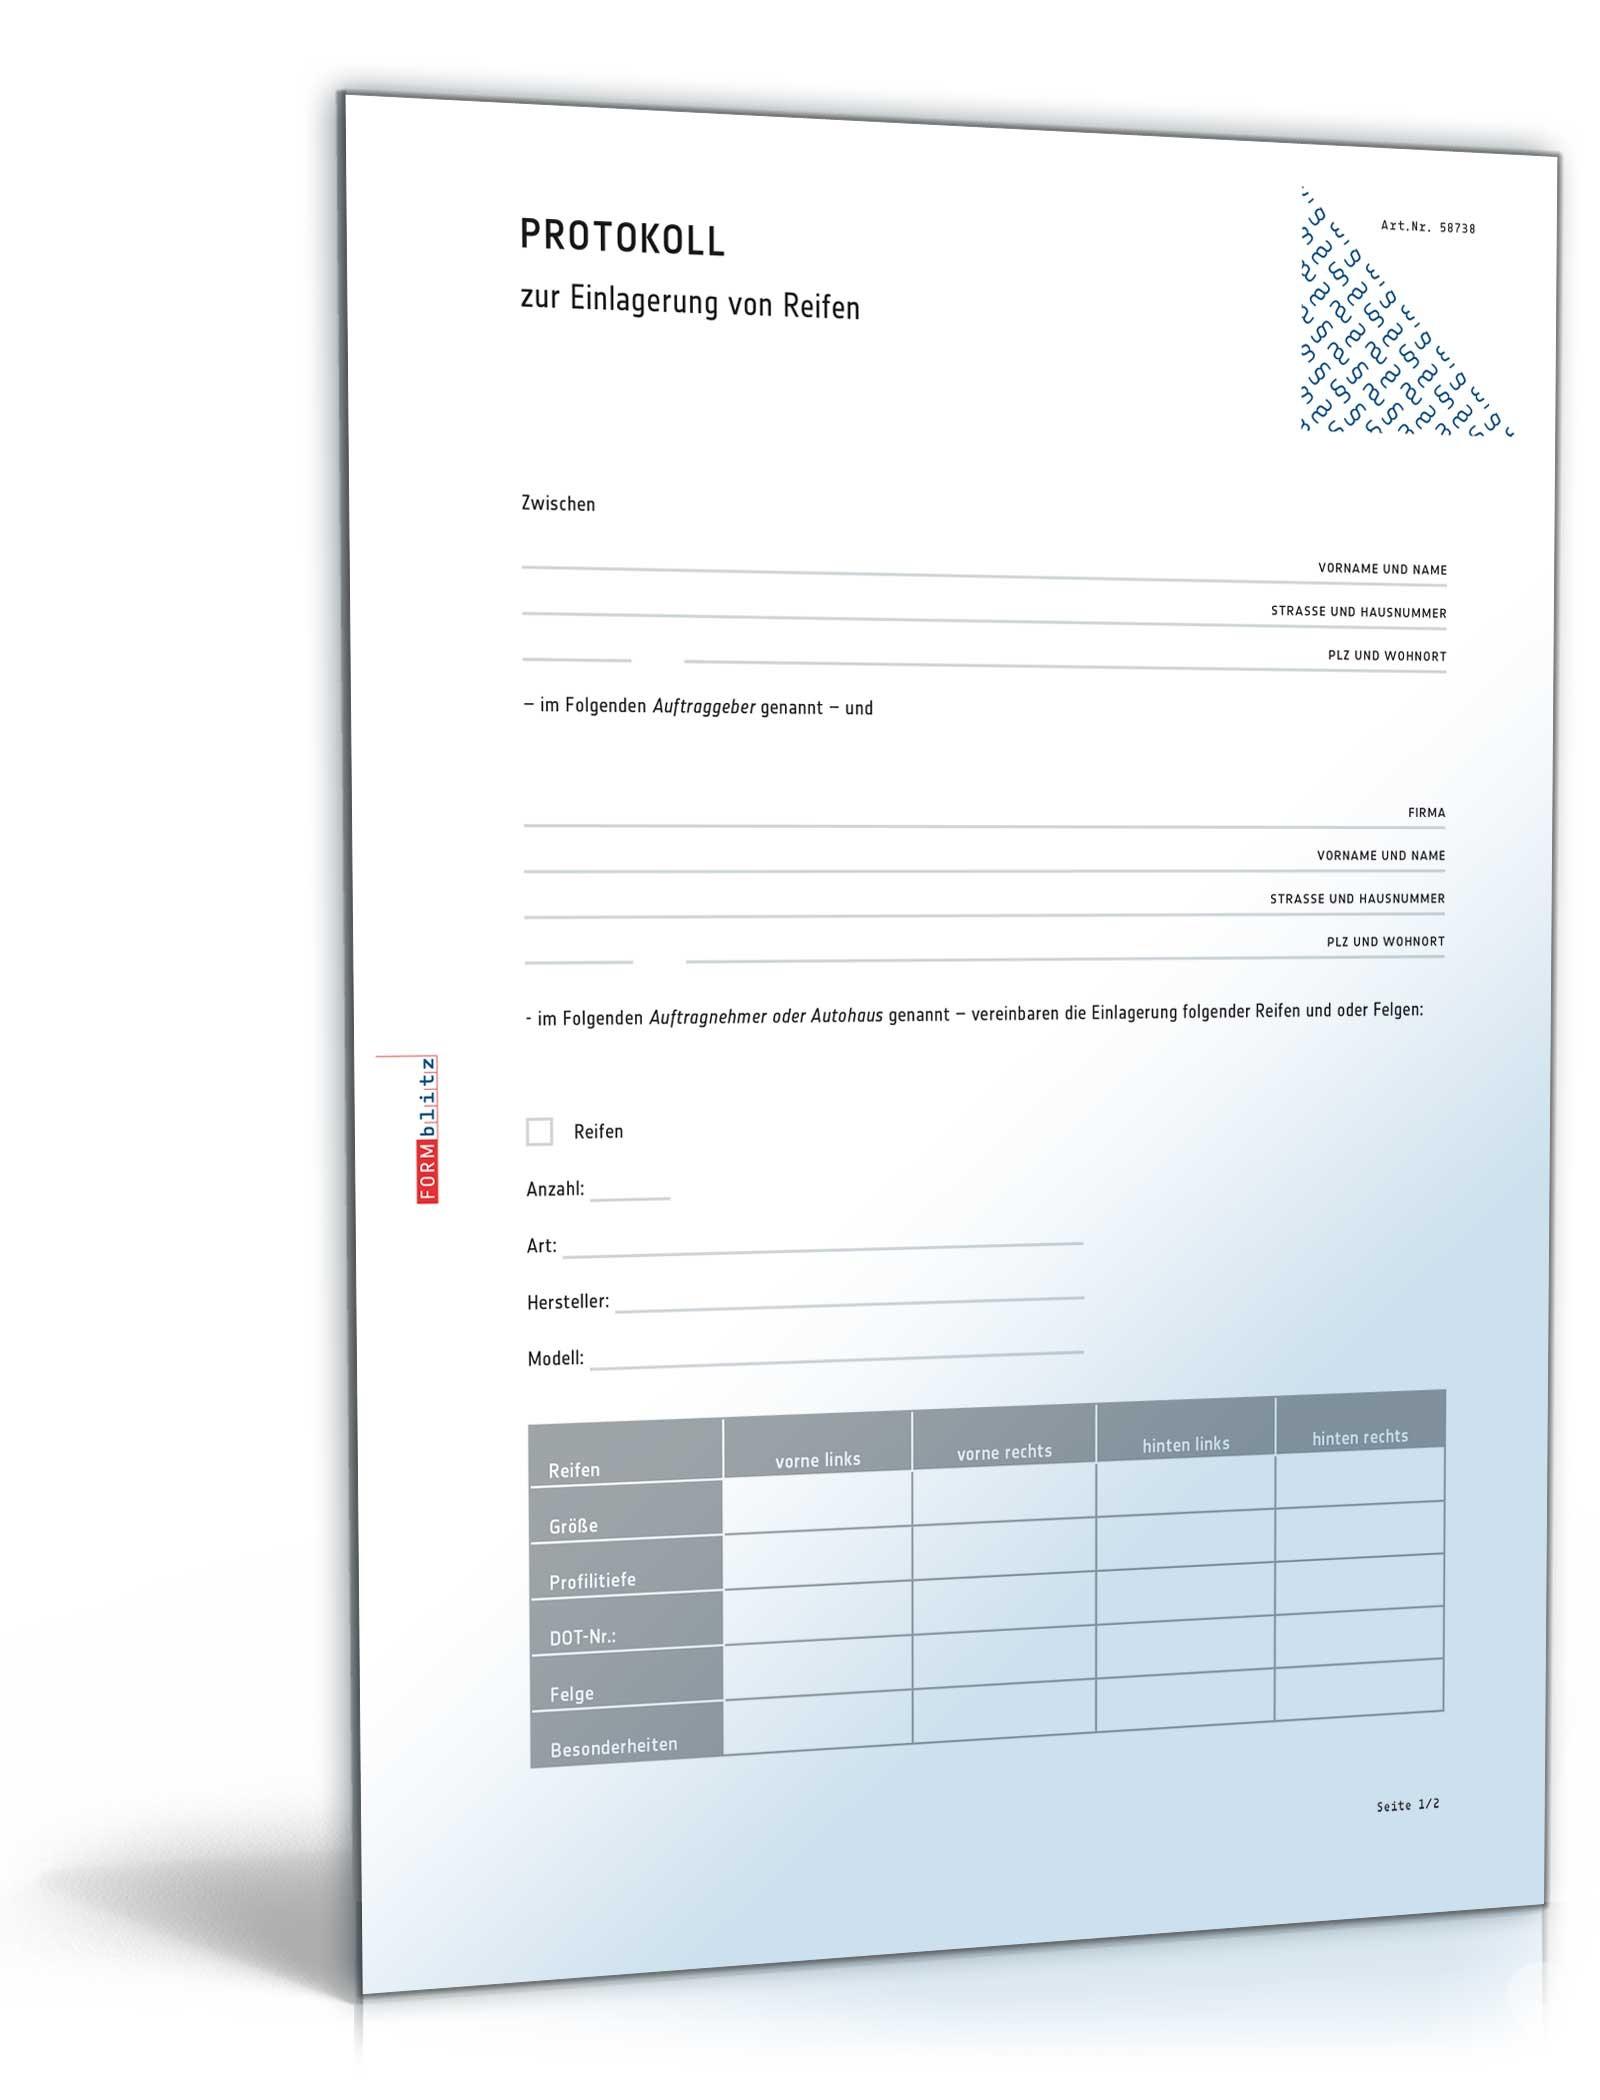 protokoll einlagerung reifen - Protokoll Muster